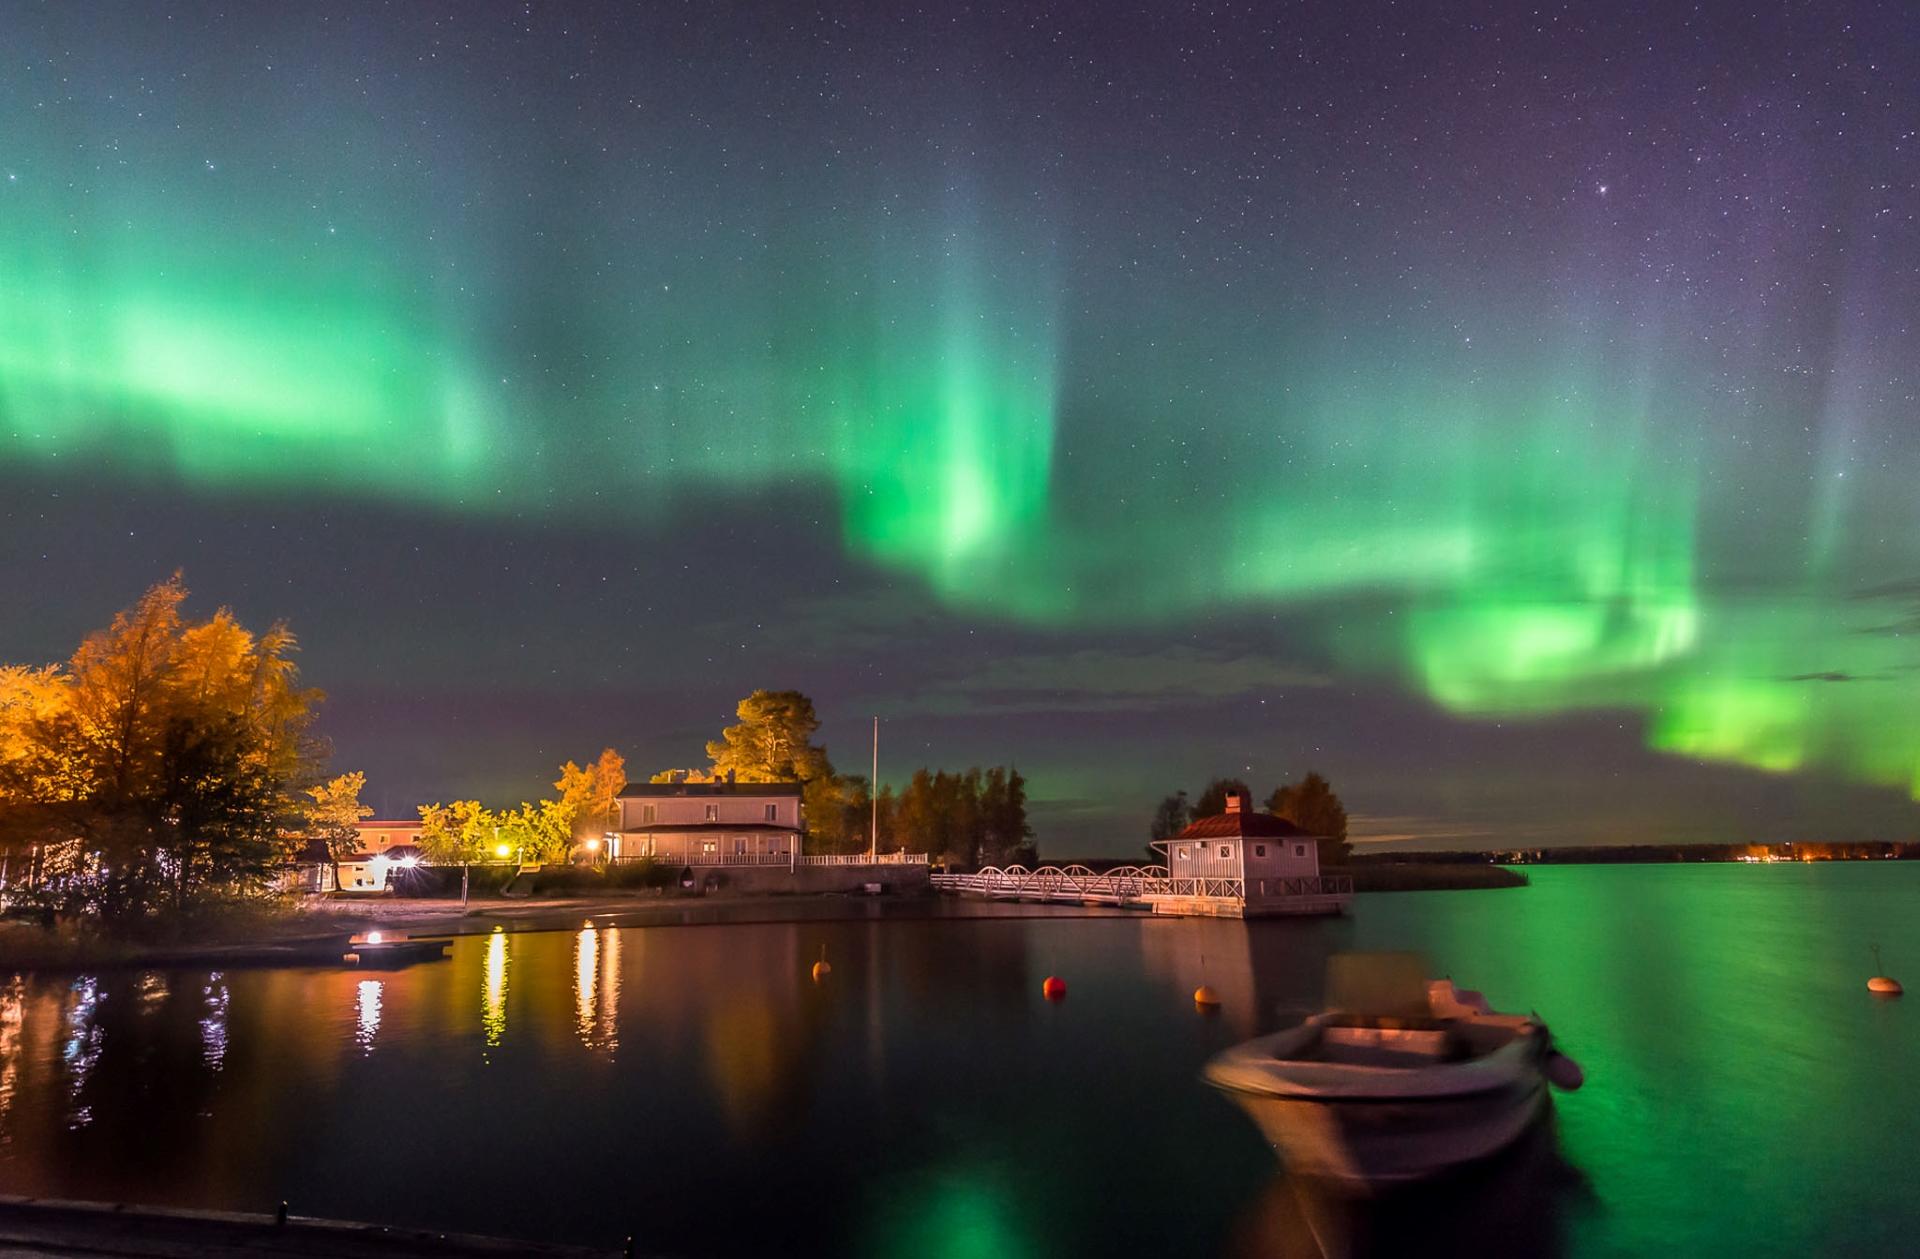 Kokkolan Villa Elba öisen revontulitaivaan alla. Kauniit vihreät revontulet, Aurora Borealis, valaisee meren vihreänä. Valot loistavat Nuorisokeskus Villa Elban pihassa ja merellä on yksi vene. Kuvaaja Hannu Moilanen.